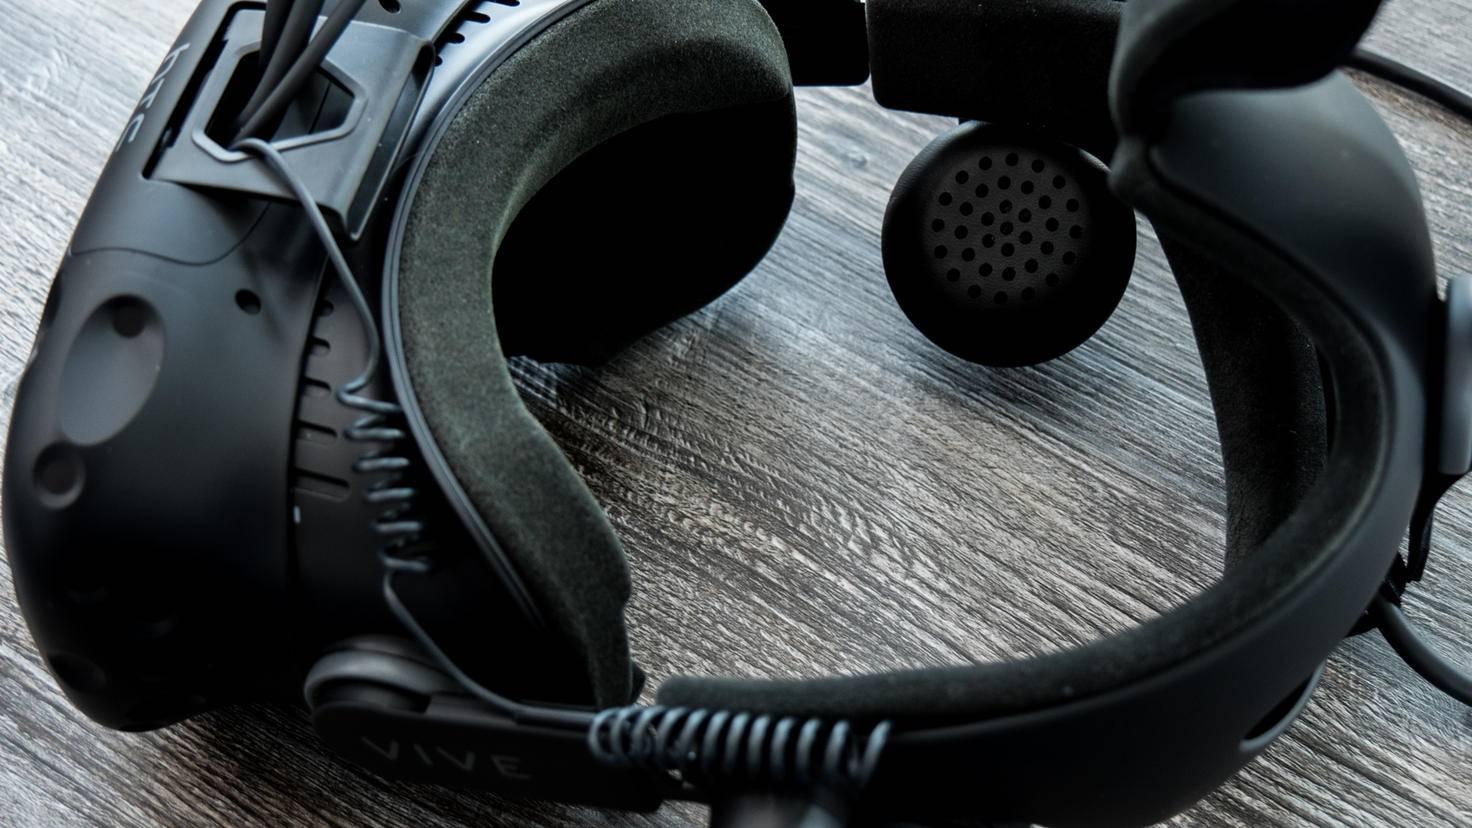 Vive-Deluxe-Audio-Strap-04